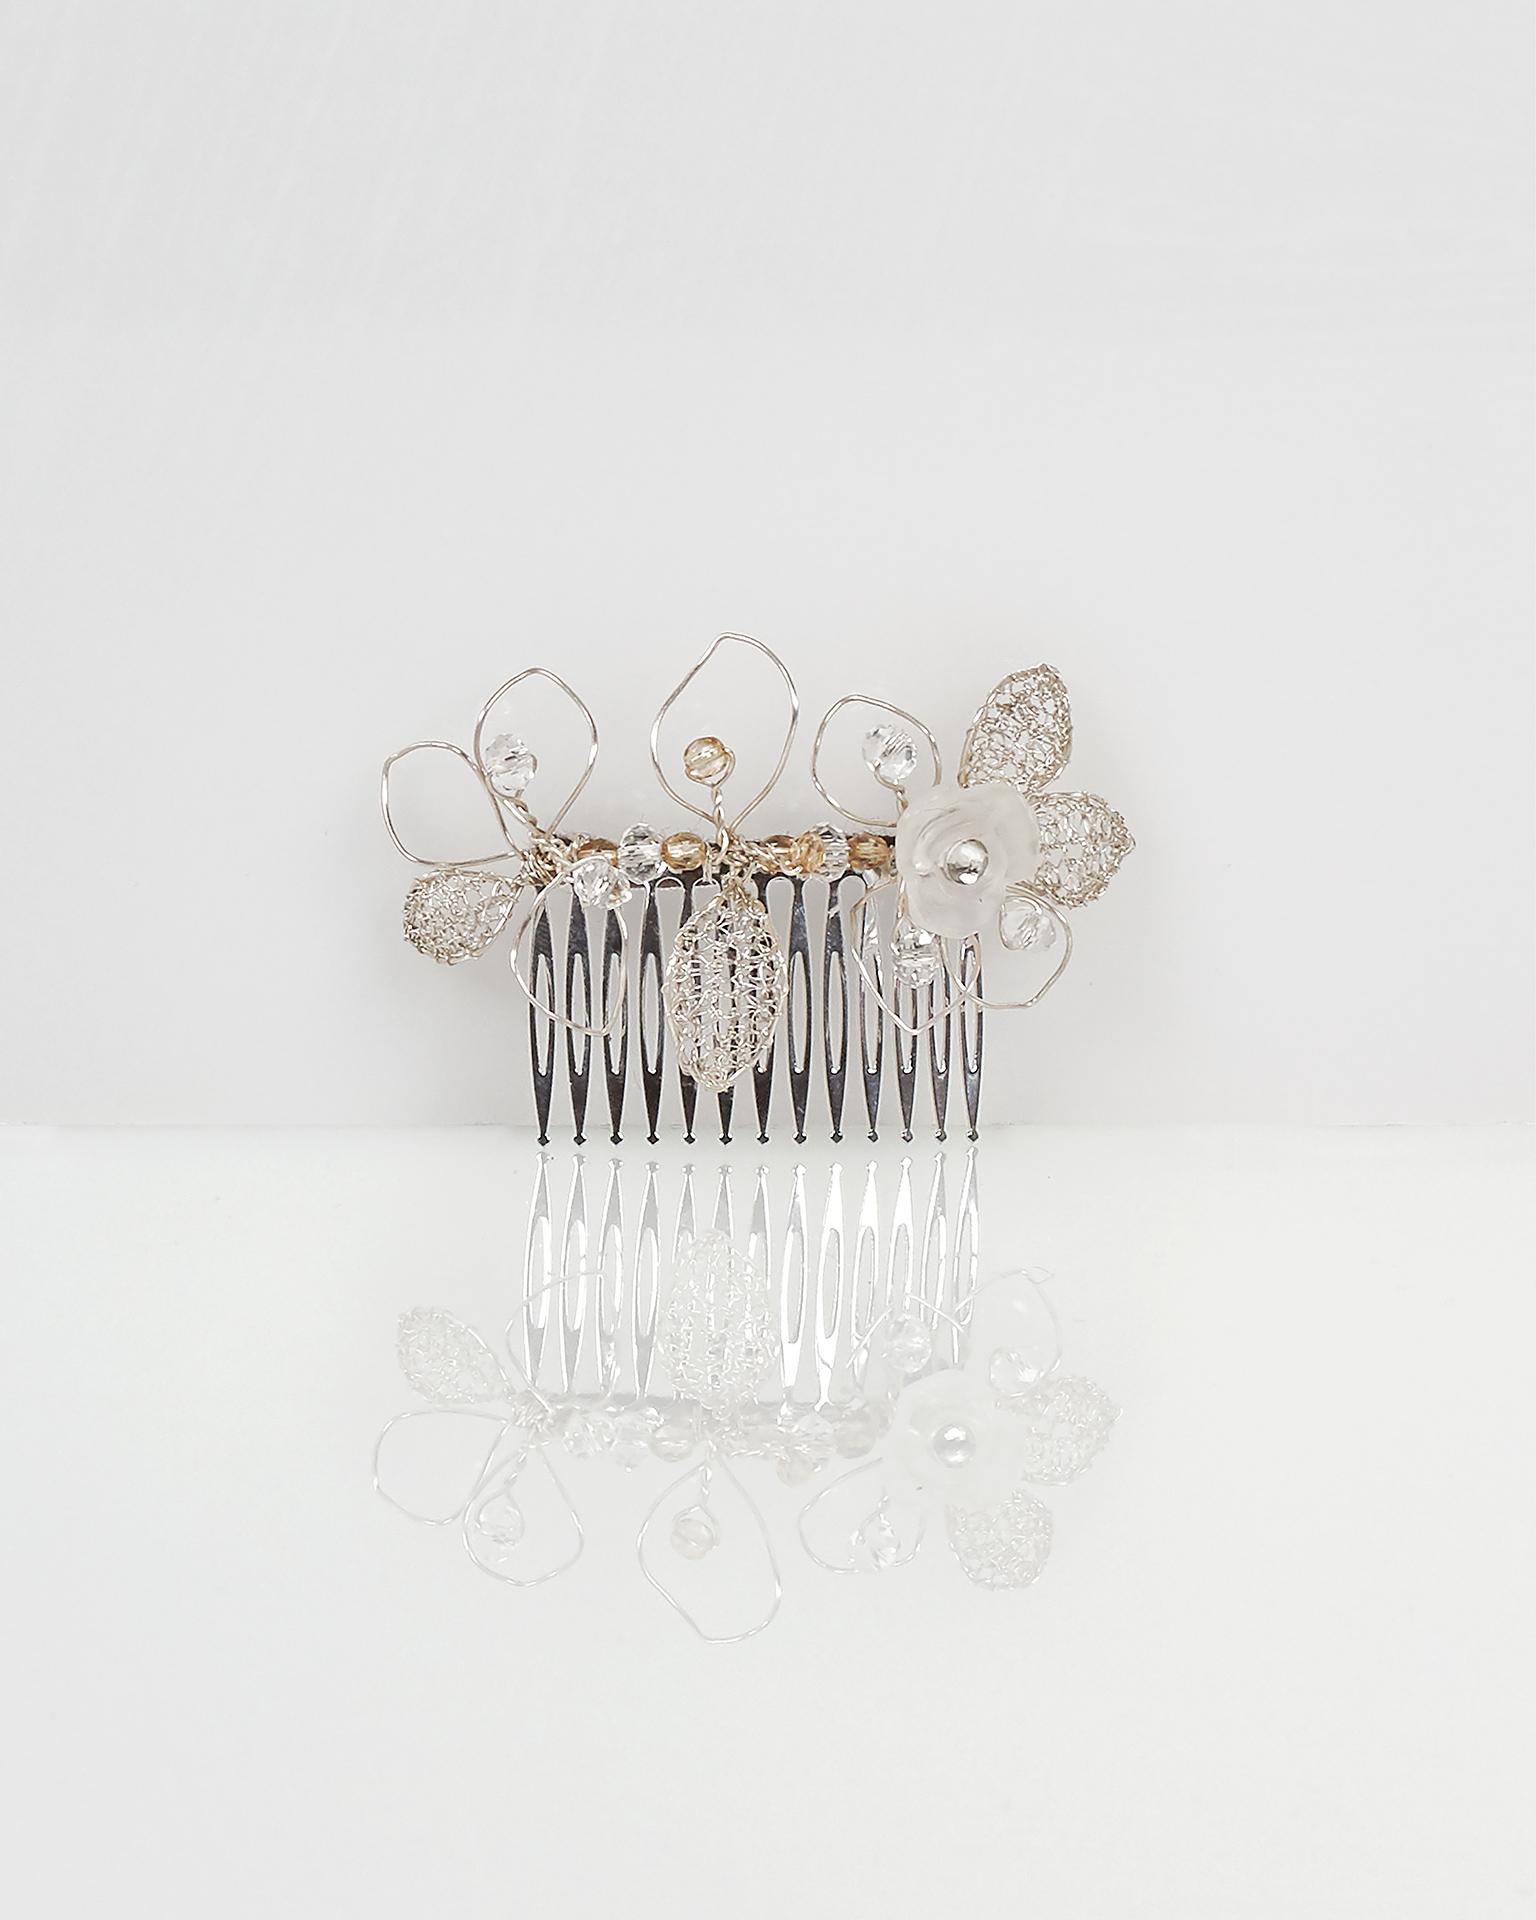 Pettinino gioiello Lia di foglie in filo d'argento e cristallo. Colore argento. Collezione AIRE BARCELONA 2018.